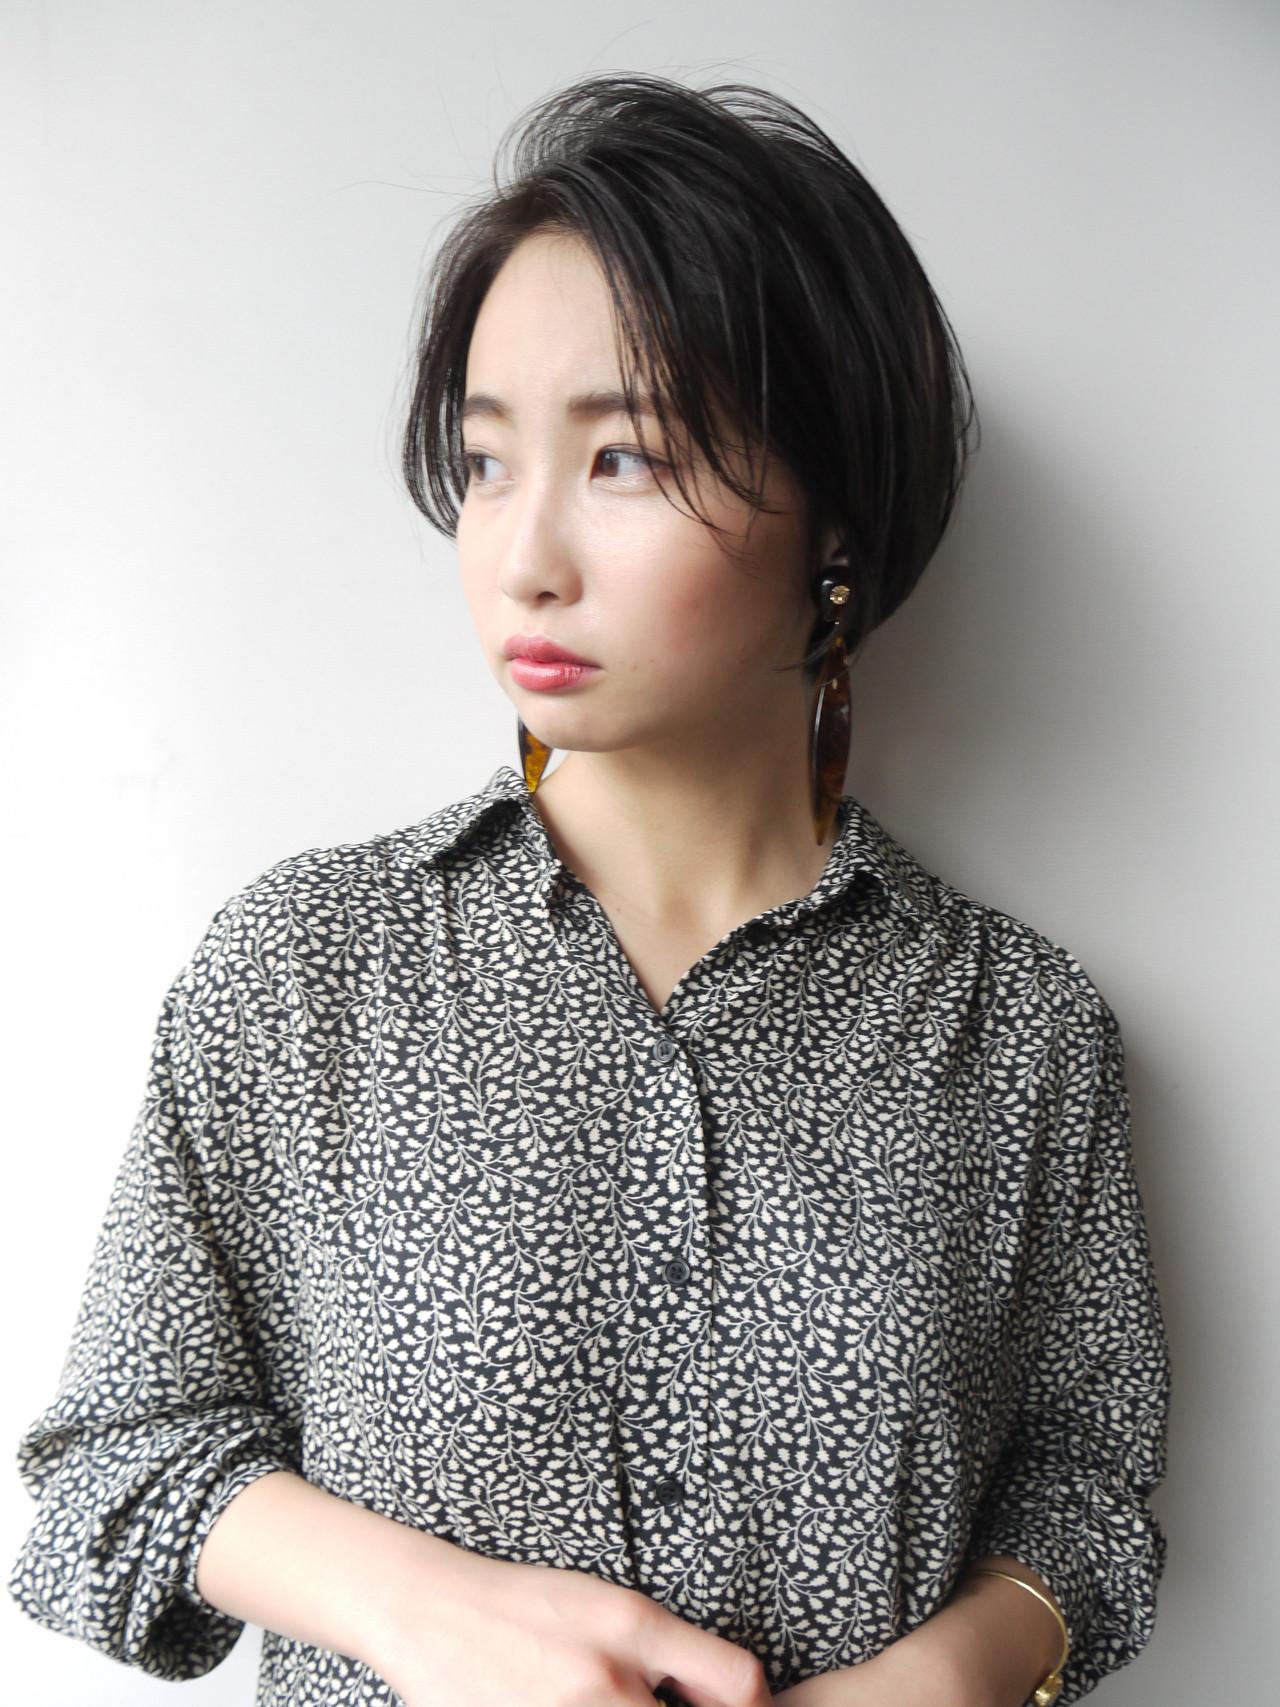 前髪なしの上品で知的なショートヘア 矢木 智浩/morio原宿